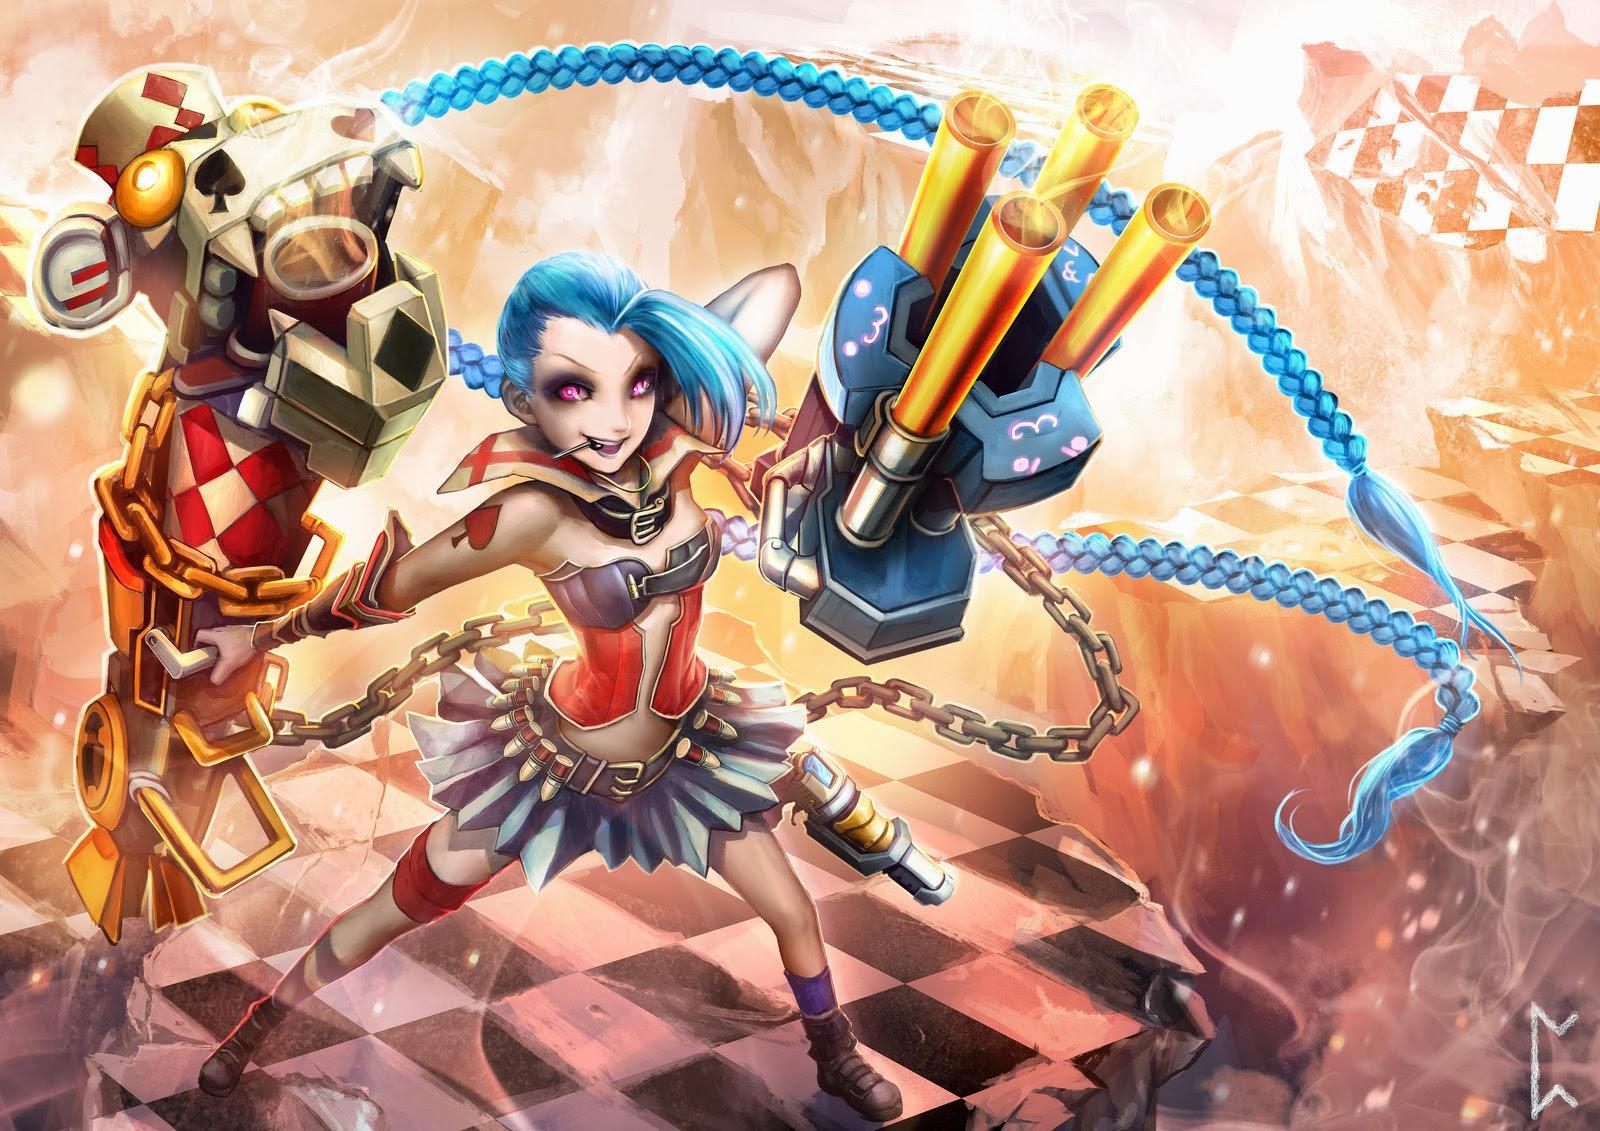 JinX League of Legends Wallpaper